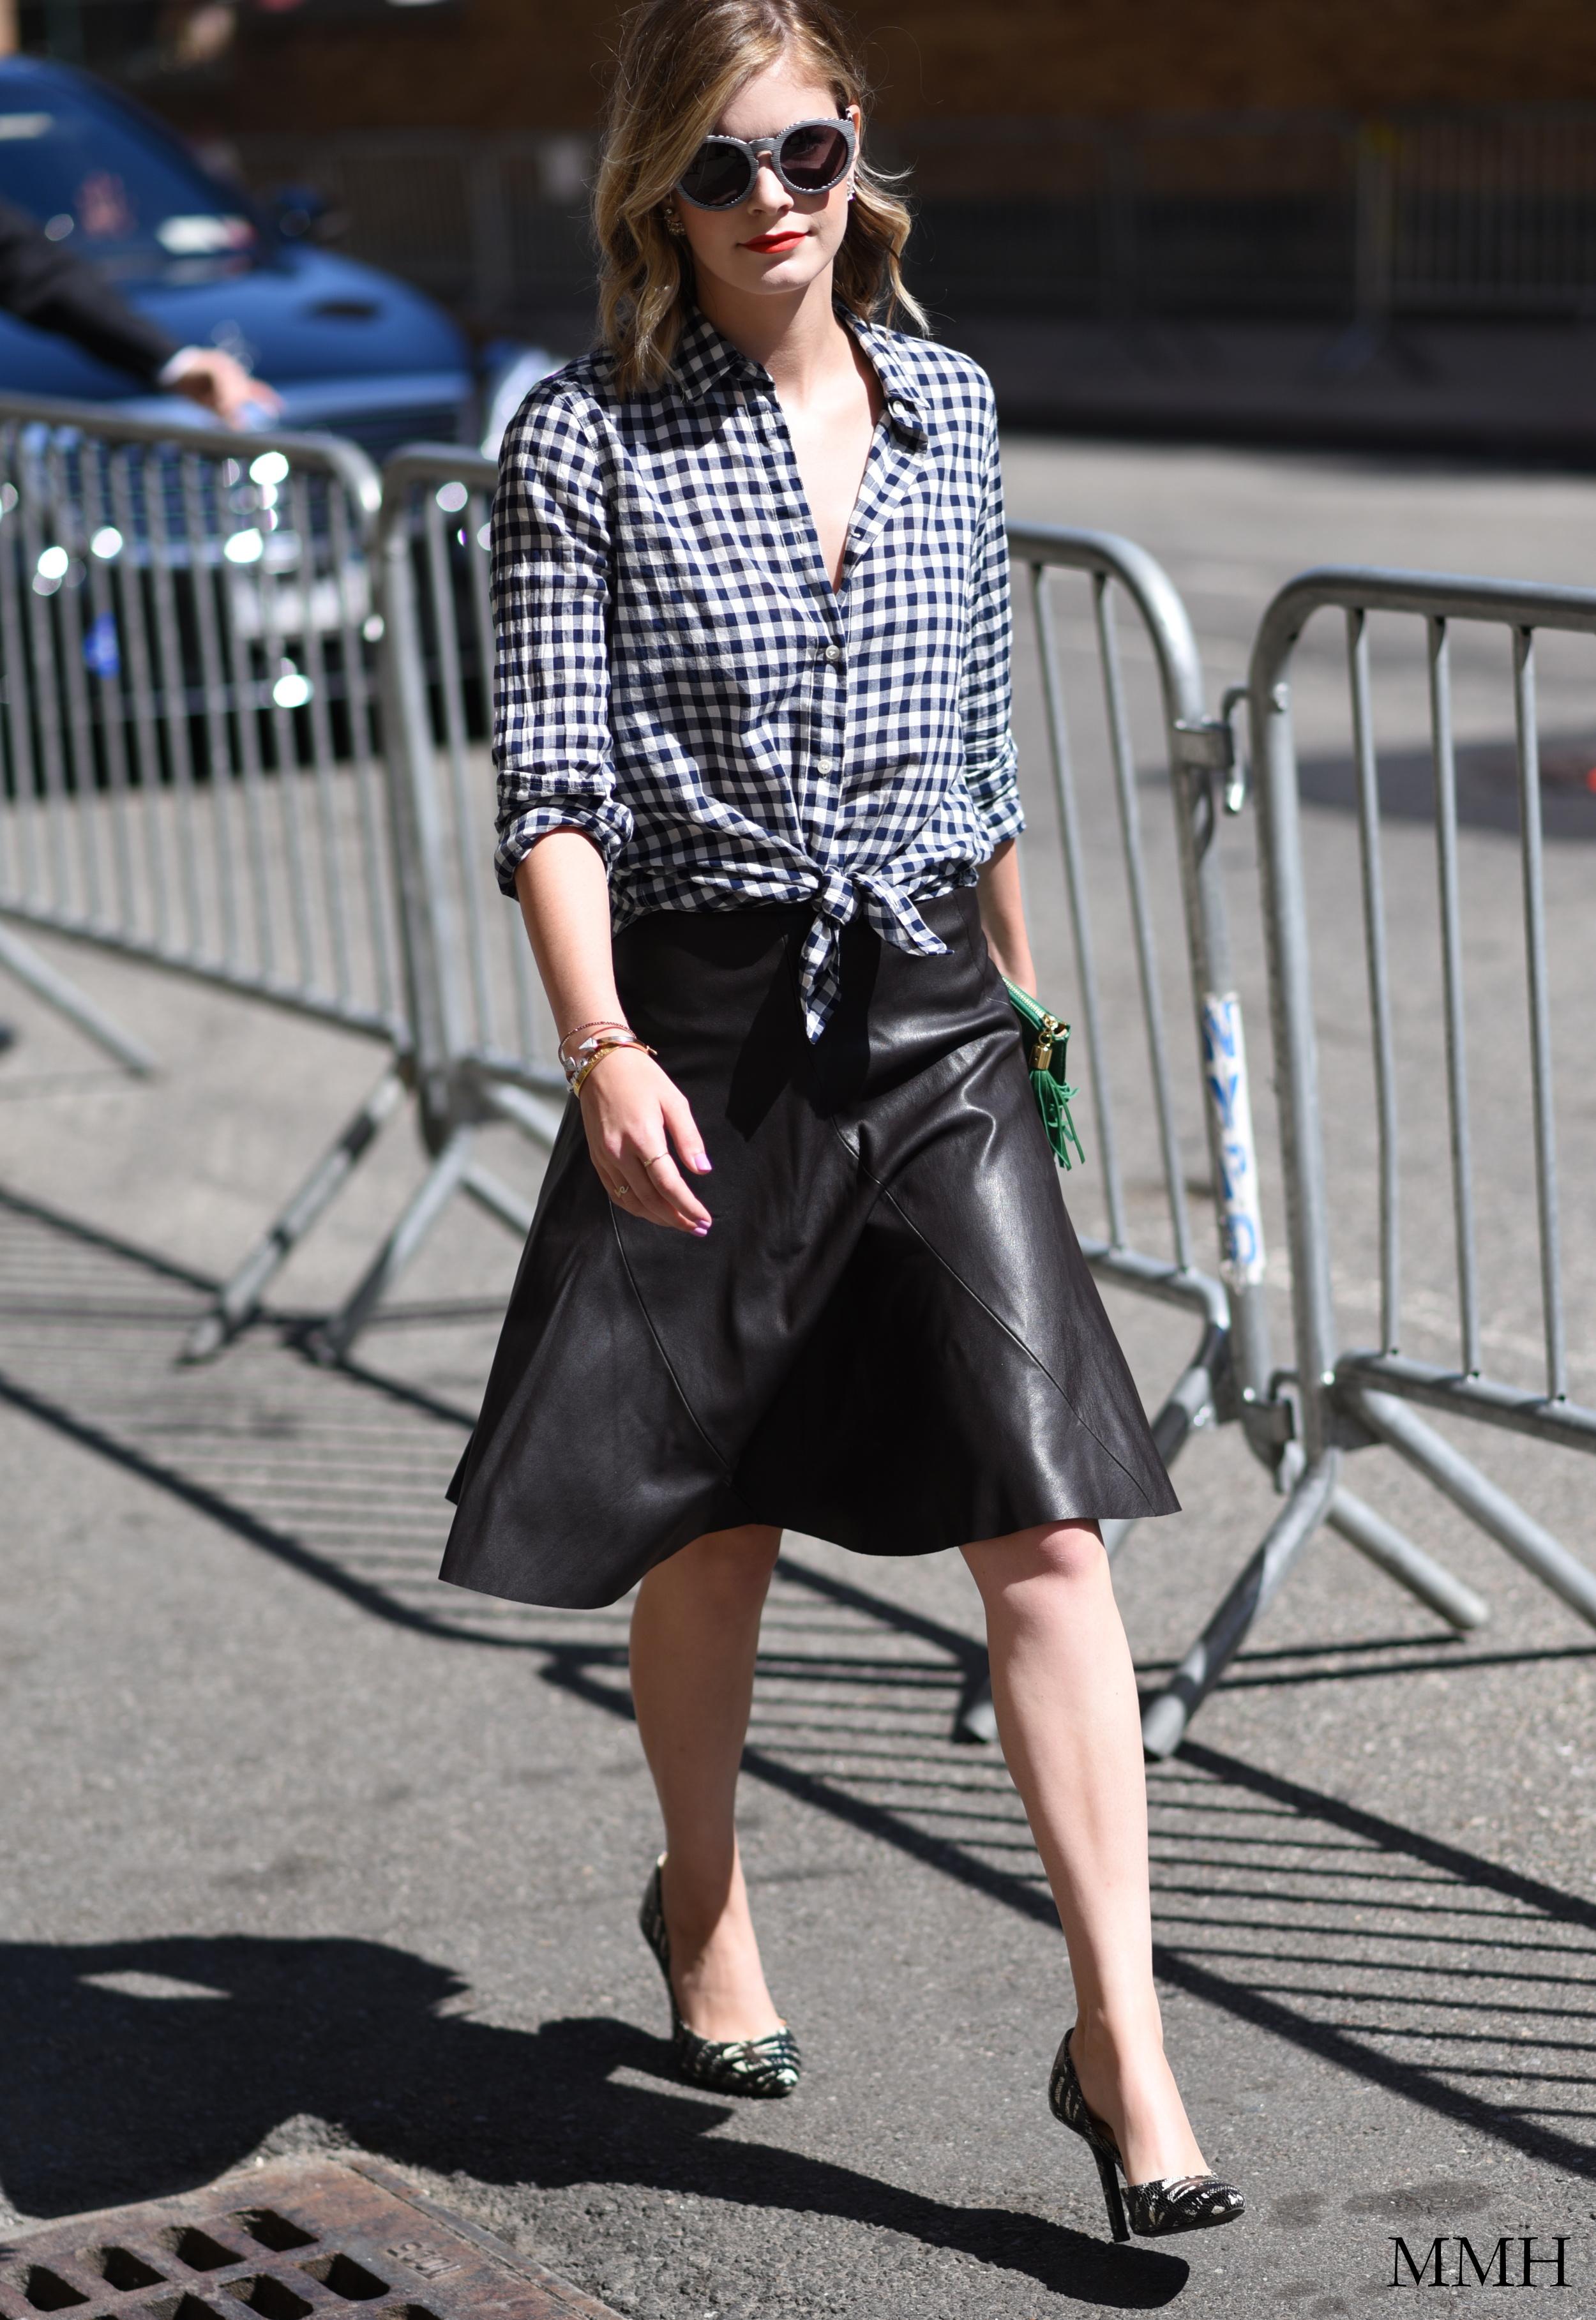 gingham-at-fashion-week.jpg